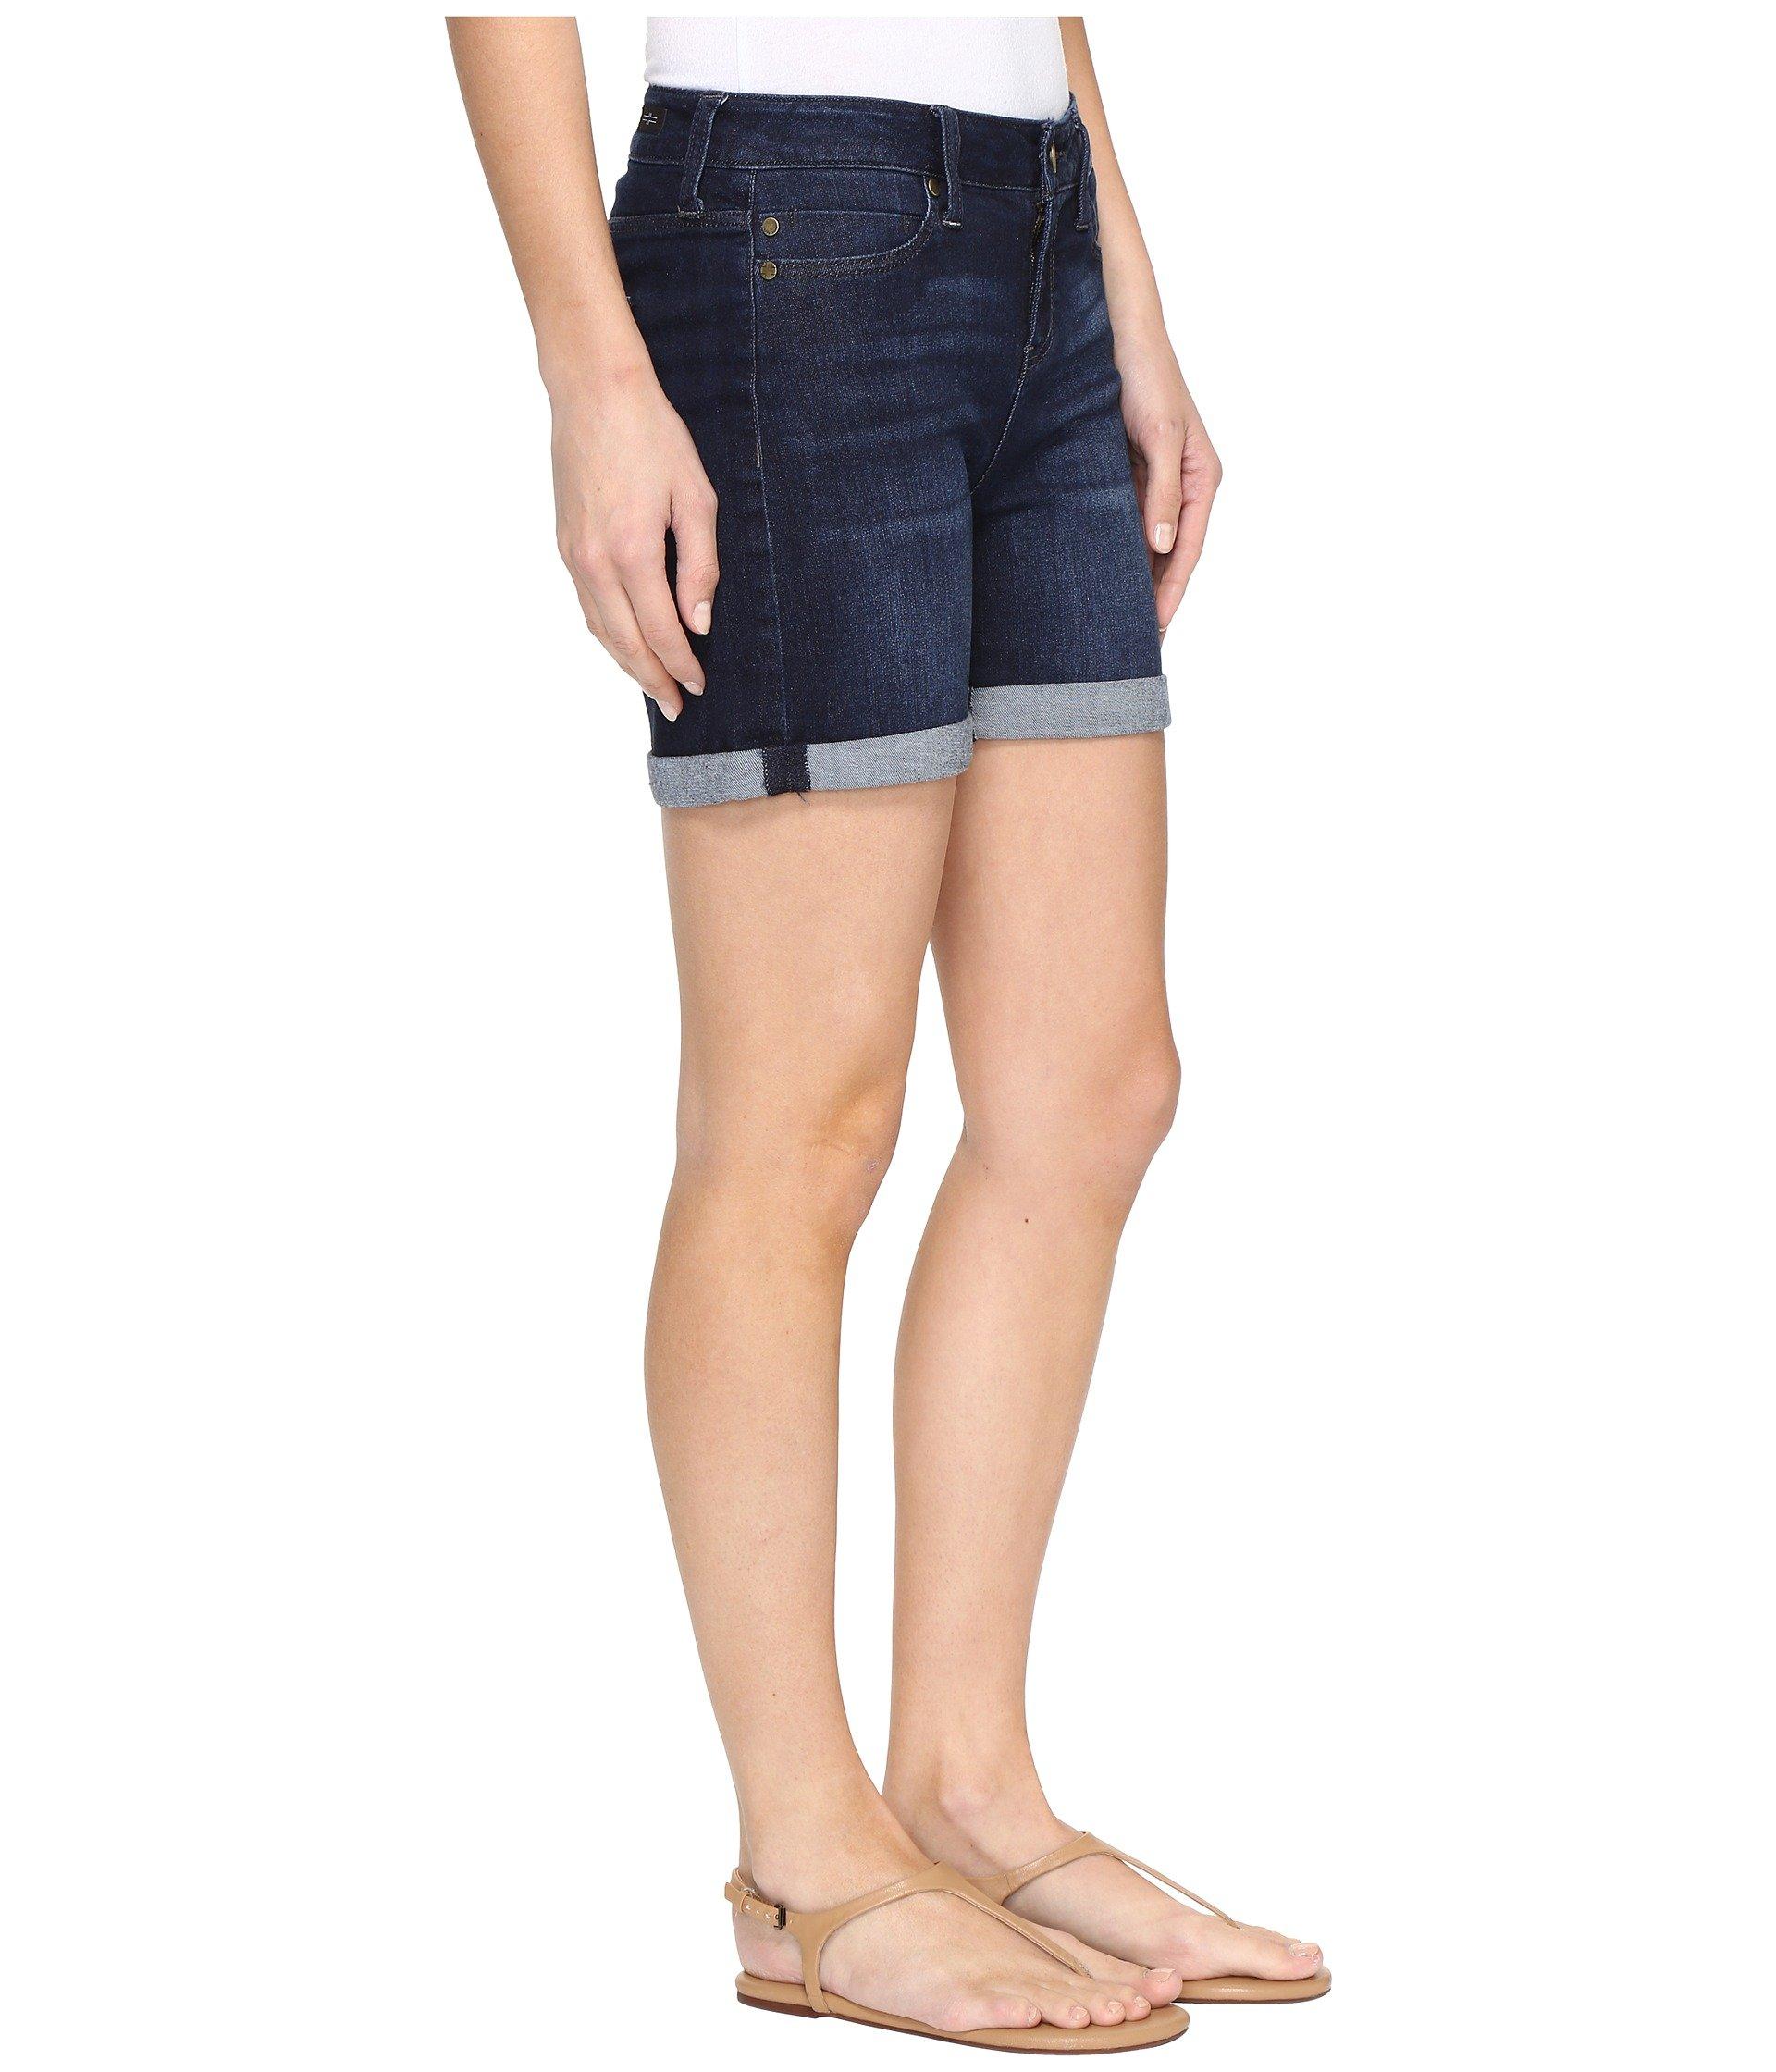 Shorts Dark cuff Rolled Comfort Vickie In Stretch Liverpool Super Vintage Denim qpattZ